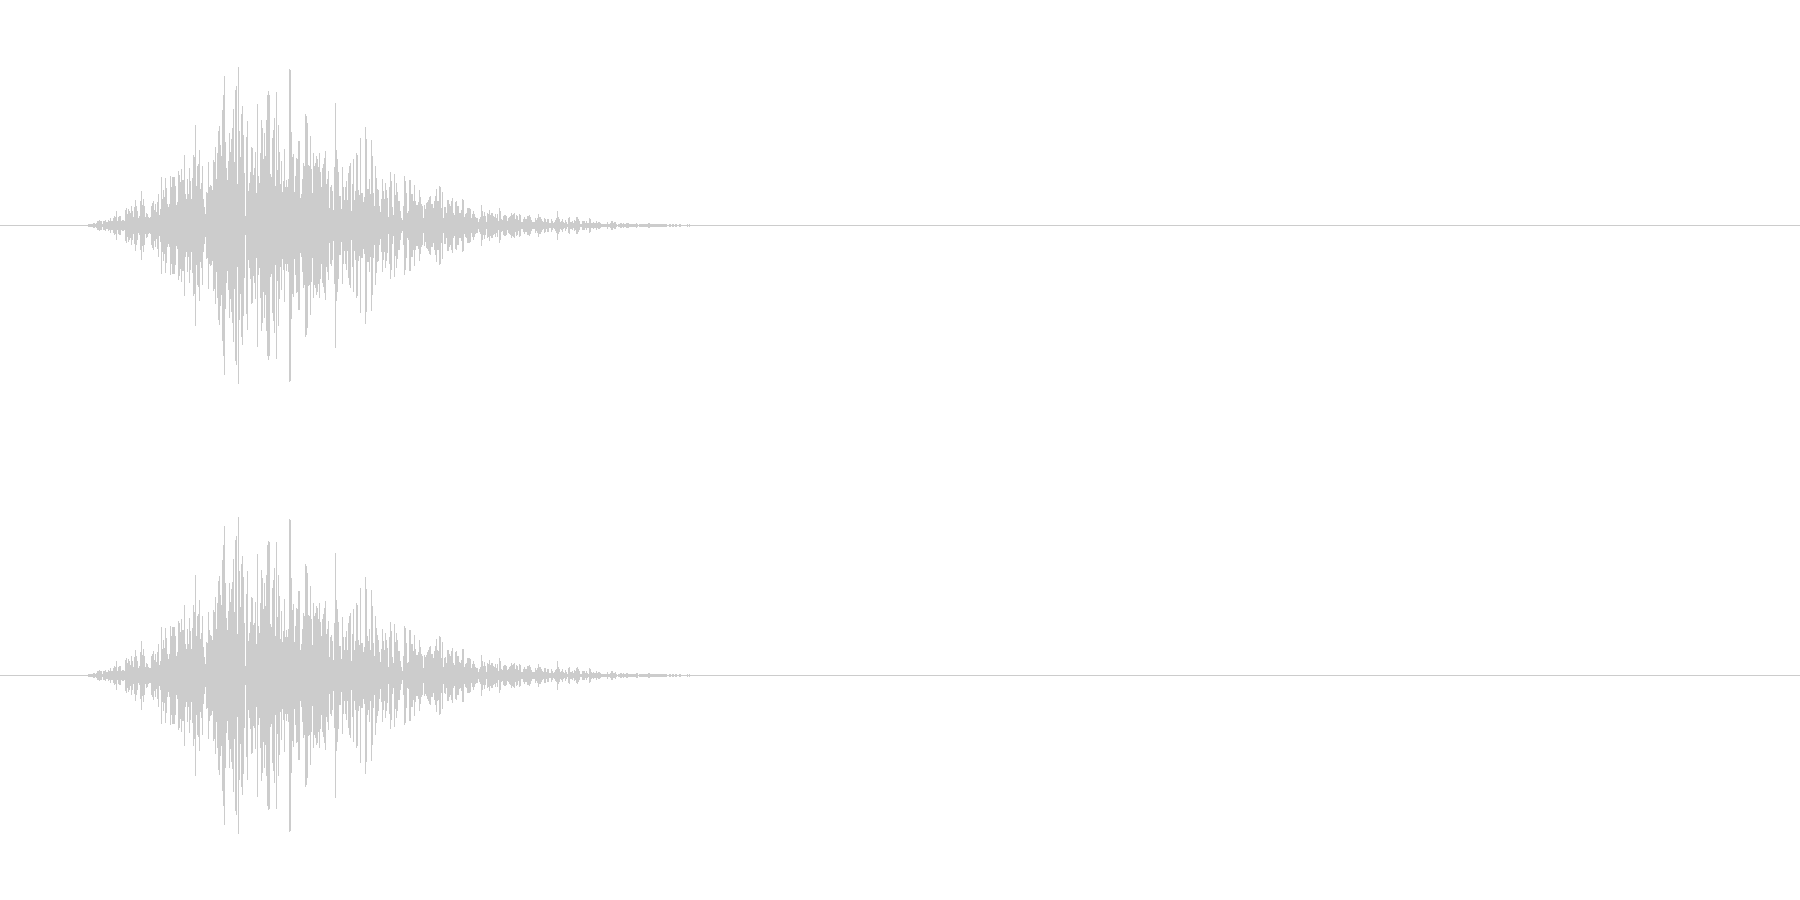 マントを脱ぐ音ですが動作と組み合わせる…の未再生の波形